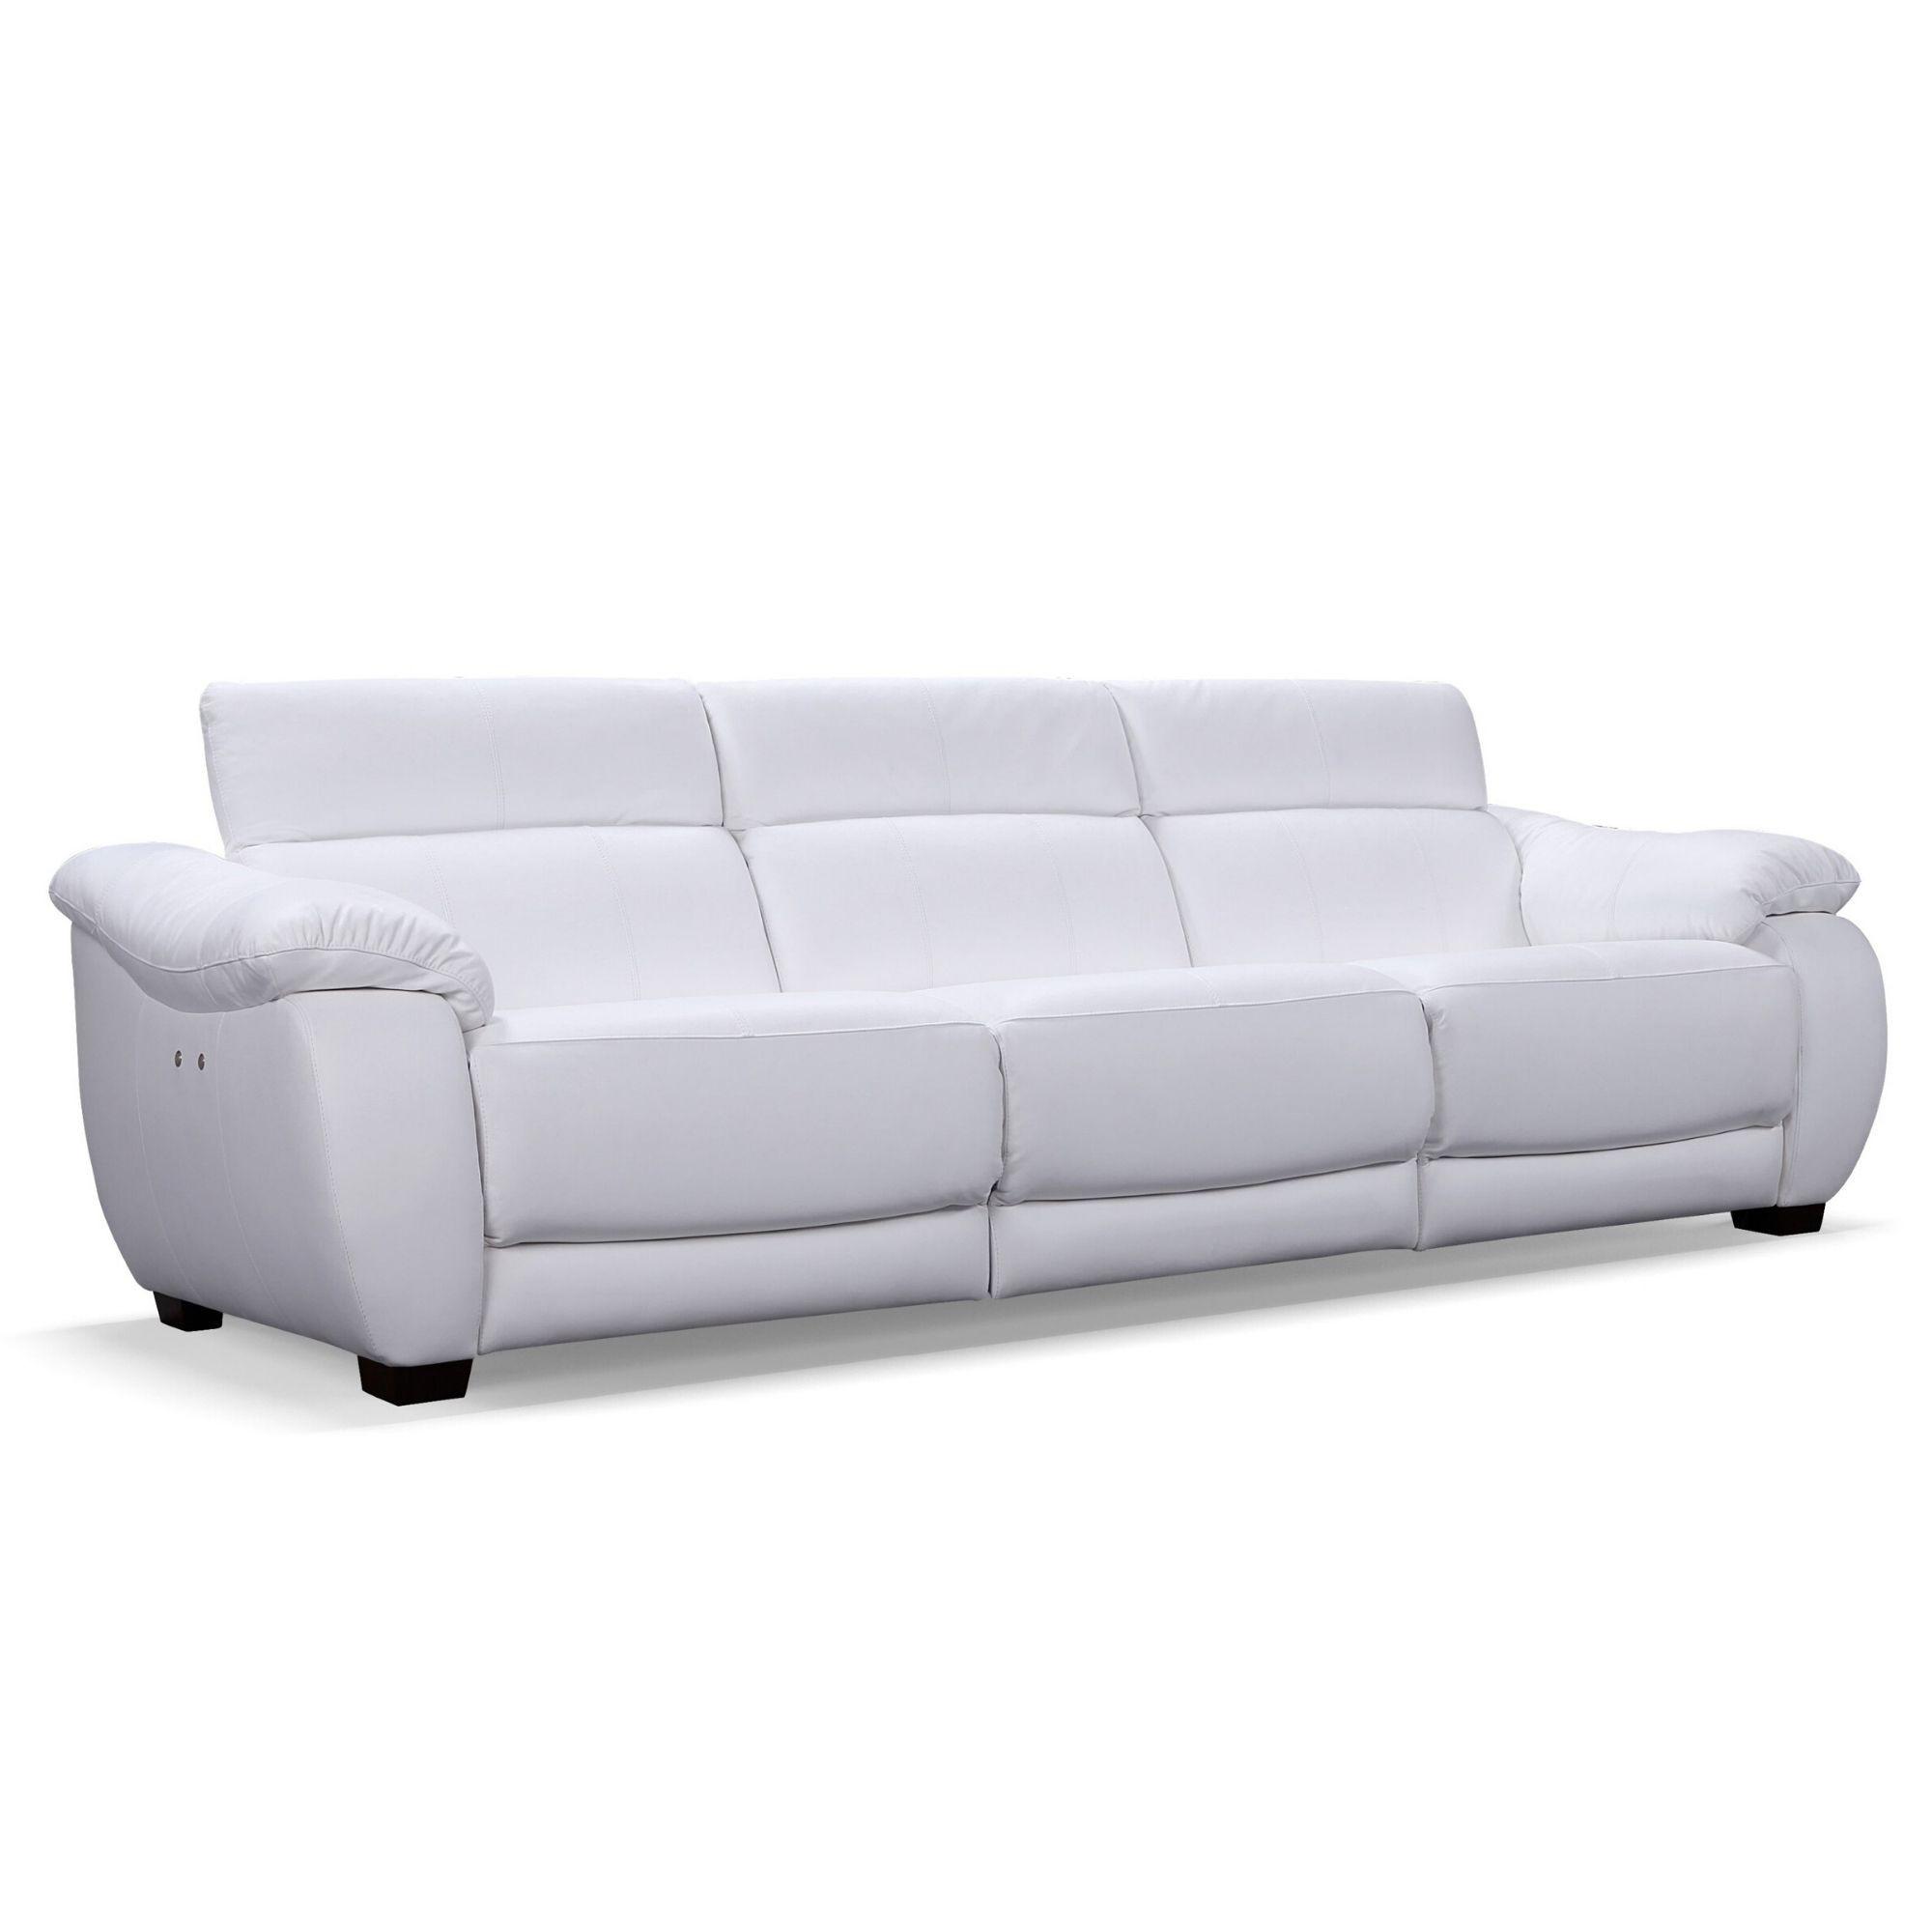 Sofá Retrátil Elétrico de Couro 3 Lugares 299cm - Royal Off White